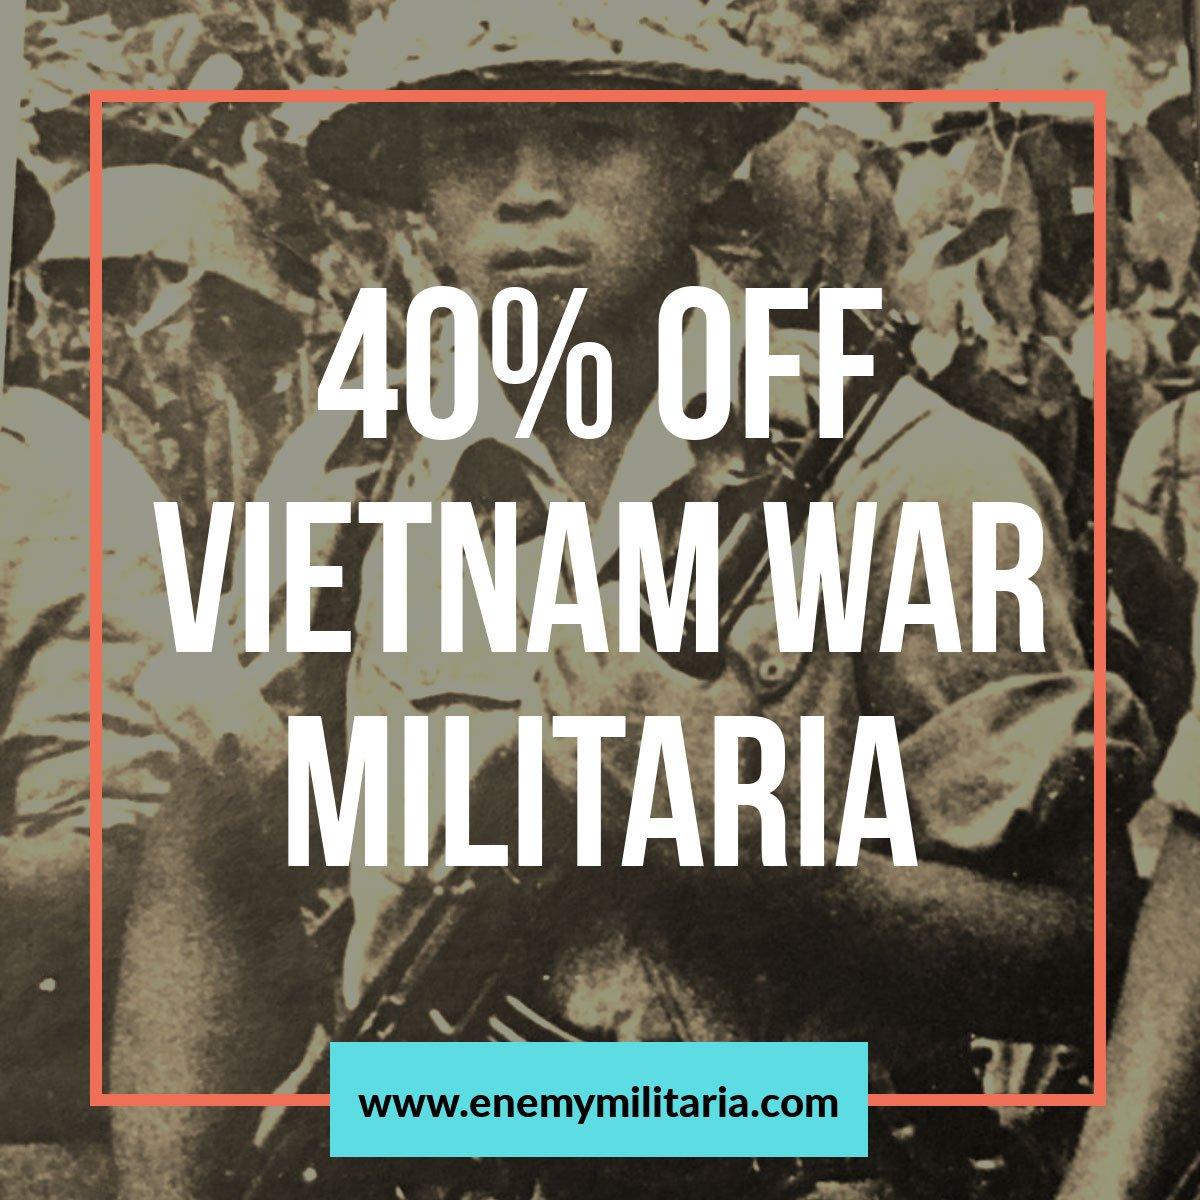 Enemy Militaria (@enemymilitaria) | Twitter